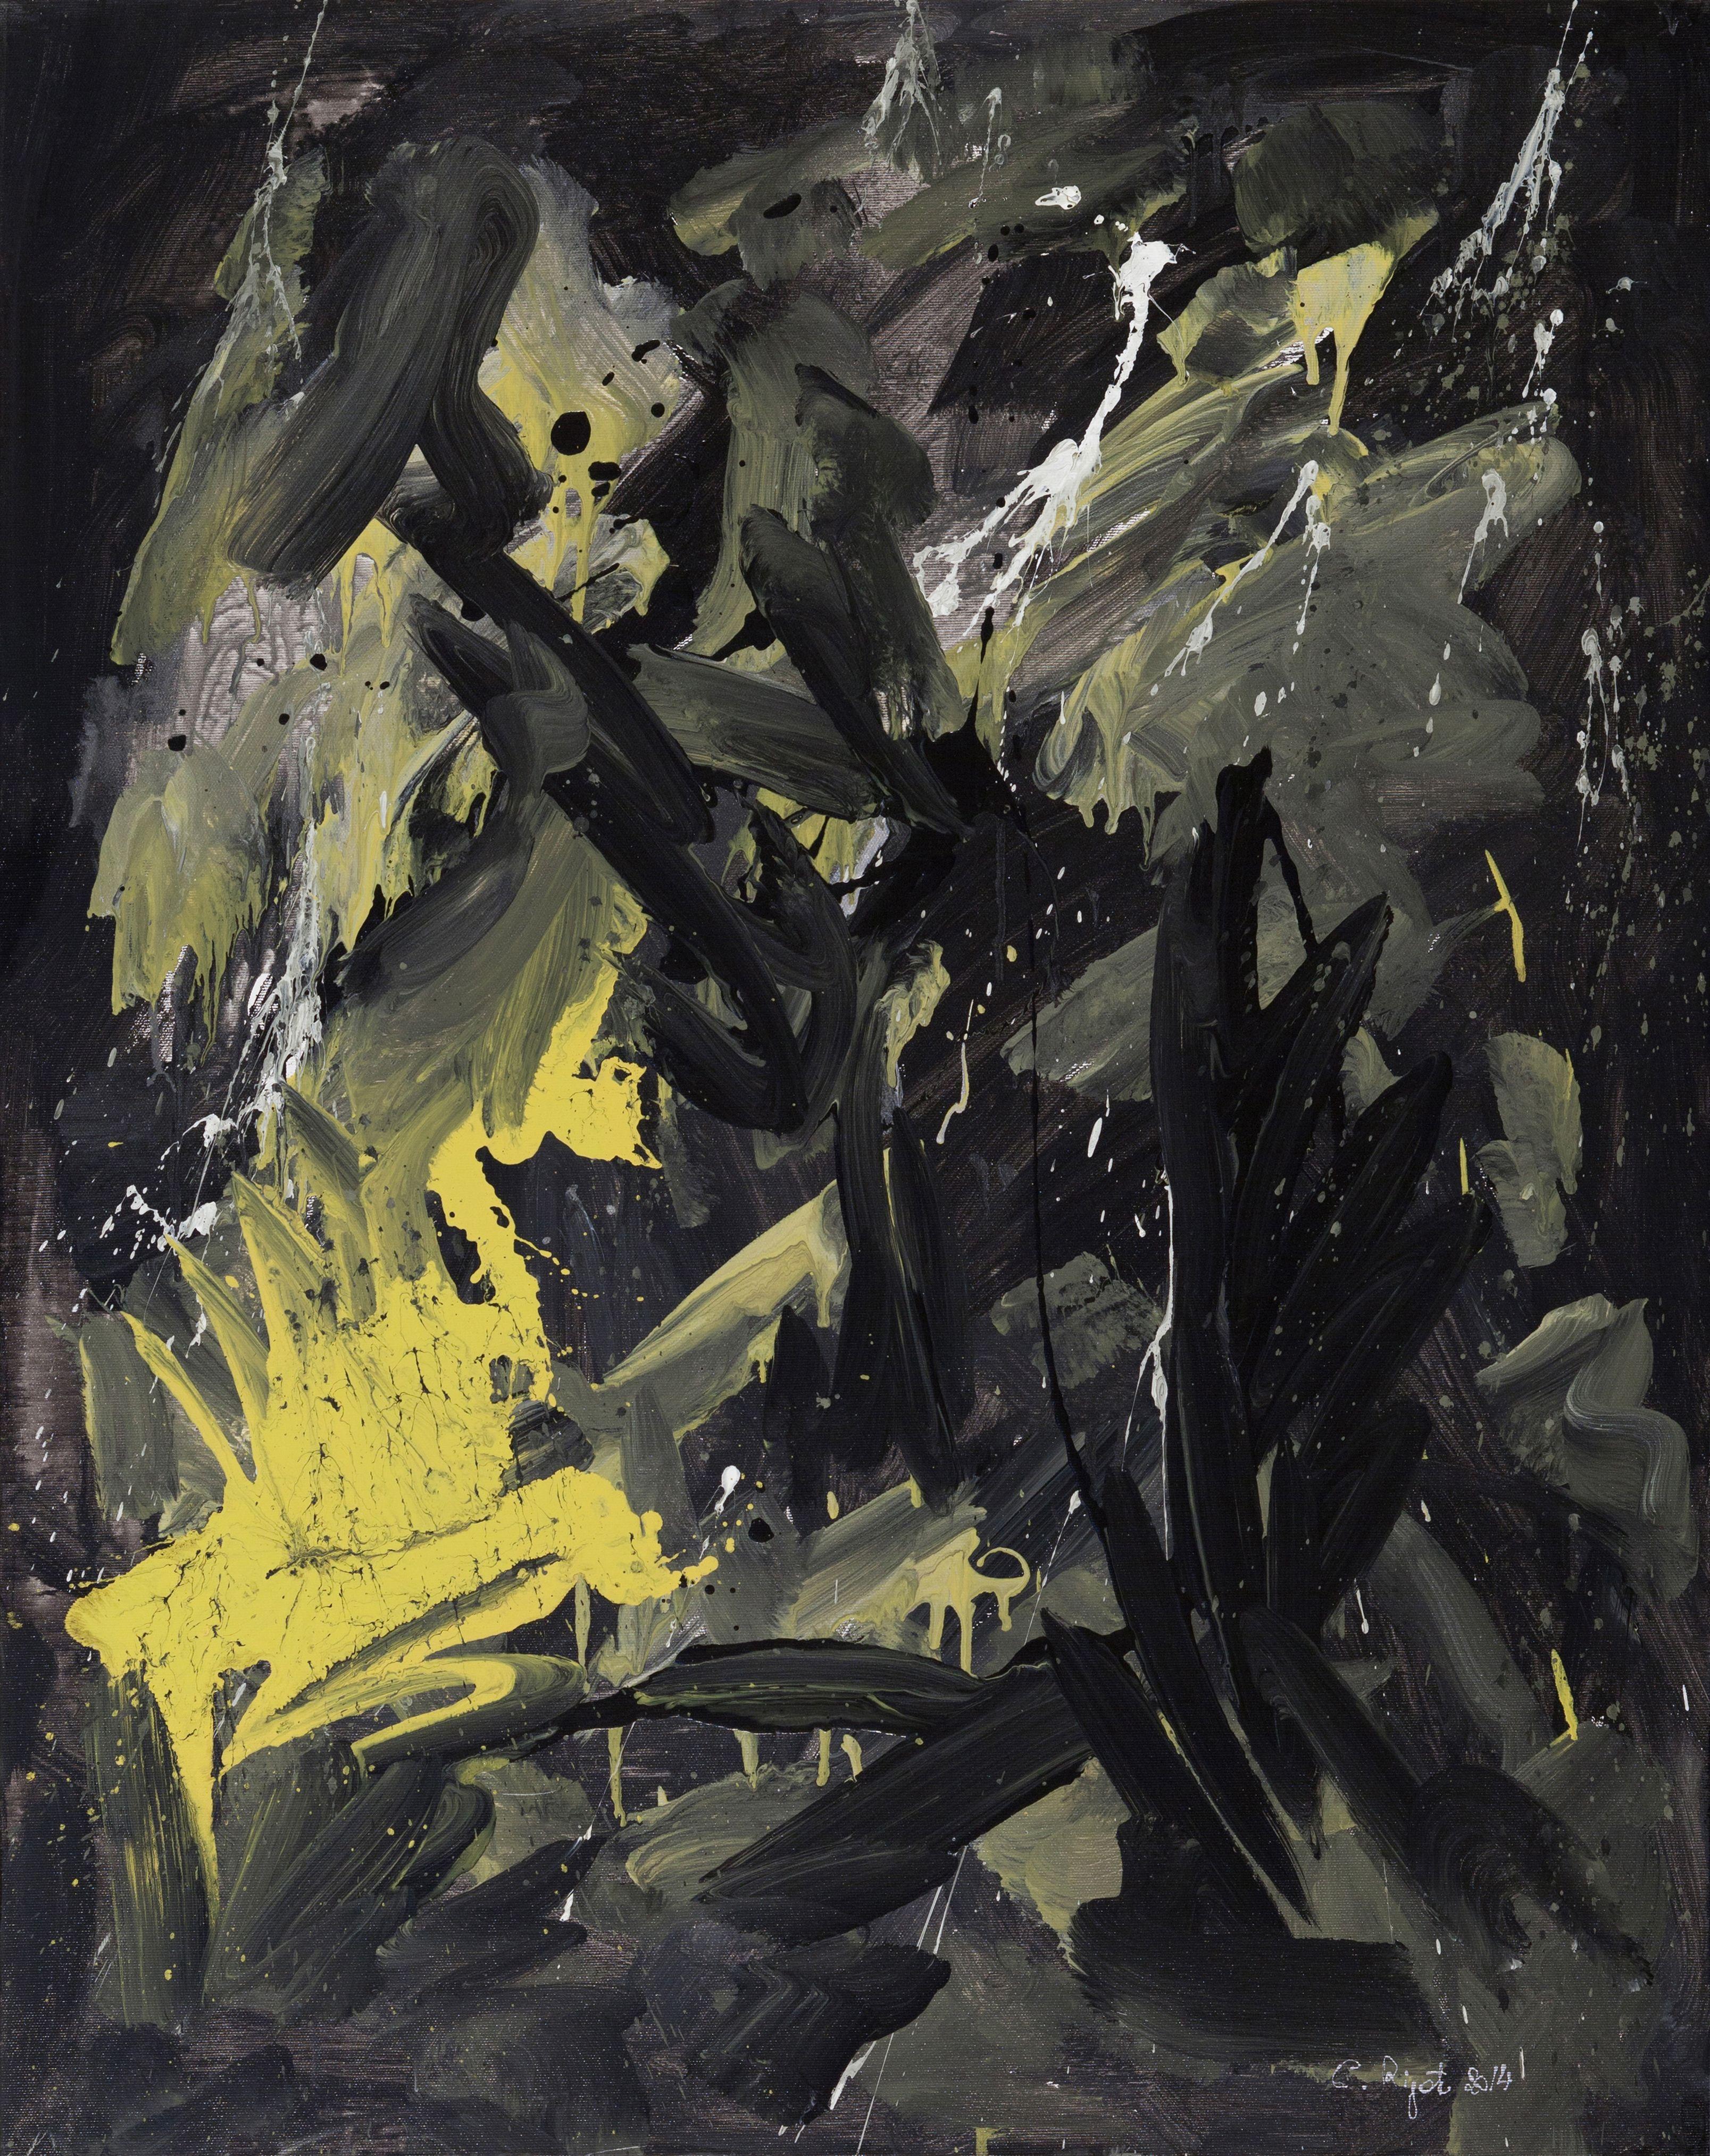 """Carla Rigato, """"Incontro alla notte"""", 2014, acrilico su tela, 100x80.  #arte #art #energiapura #color #contemporaryart #painting www.carlarigato.it"""